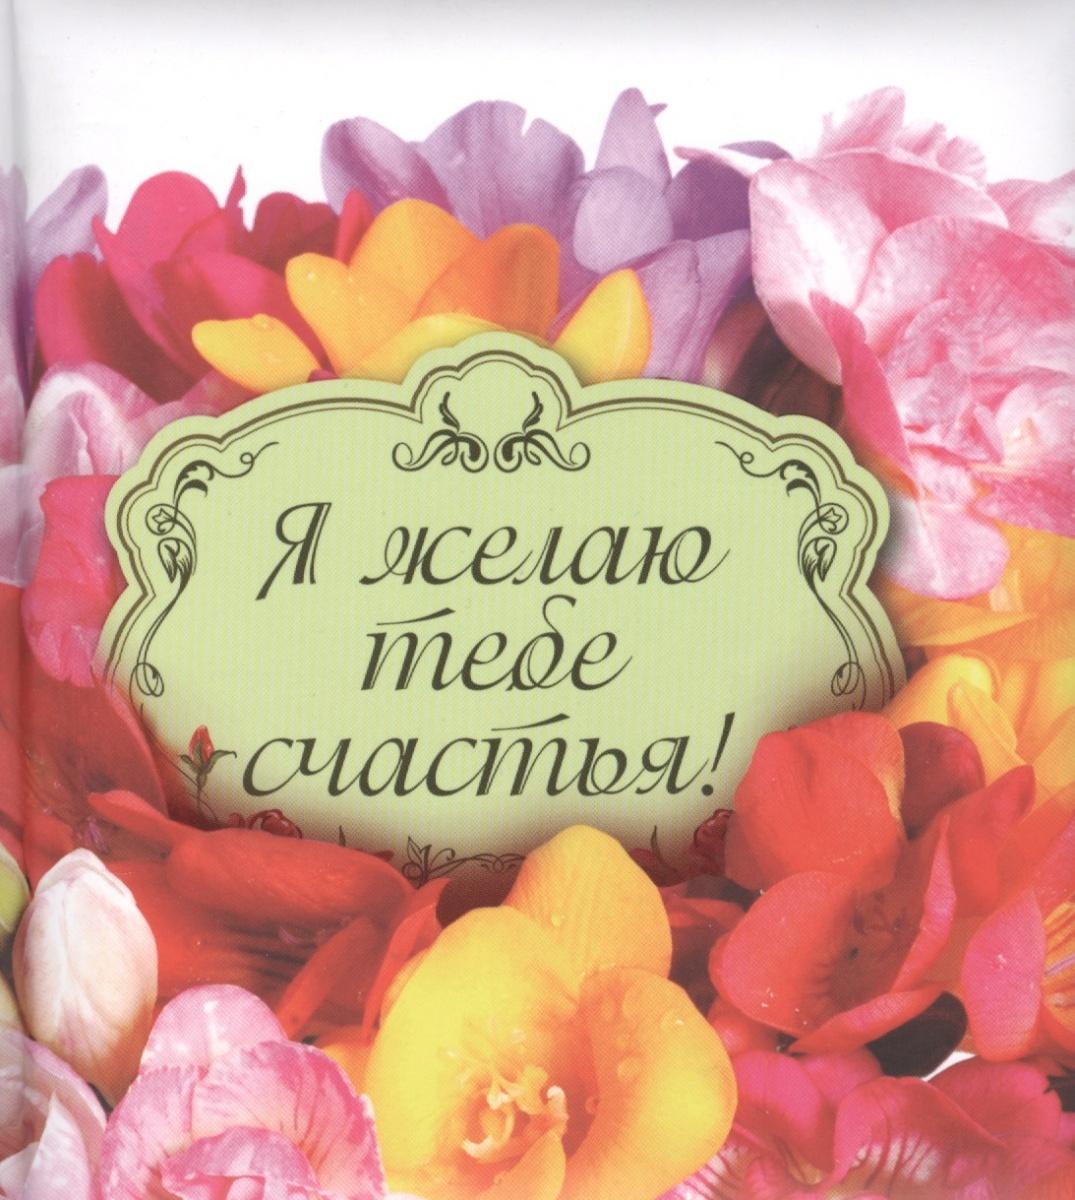 Матушевская Н. Я желаю тебе счастья! наталья матушевская желаю любви